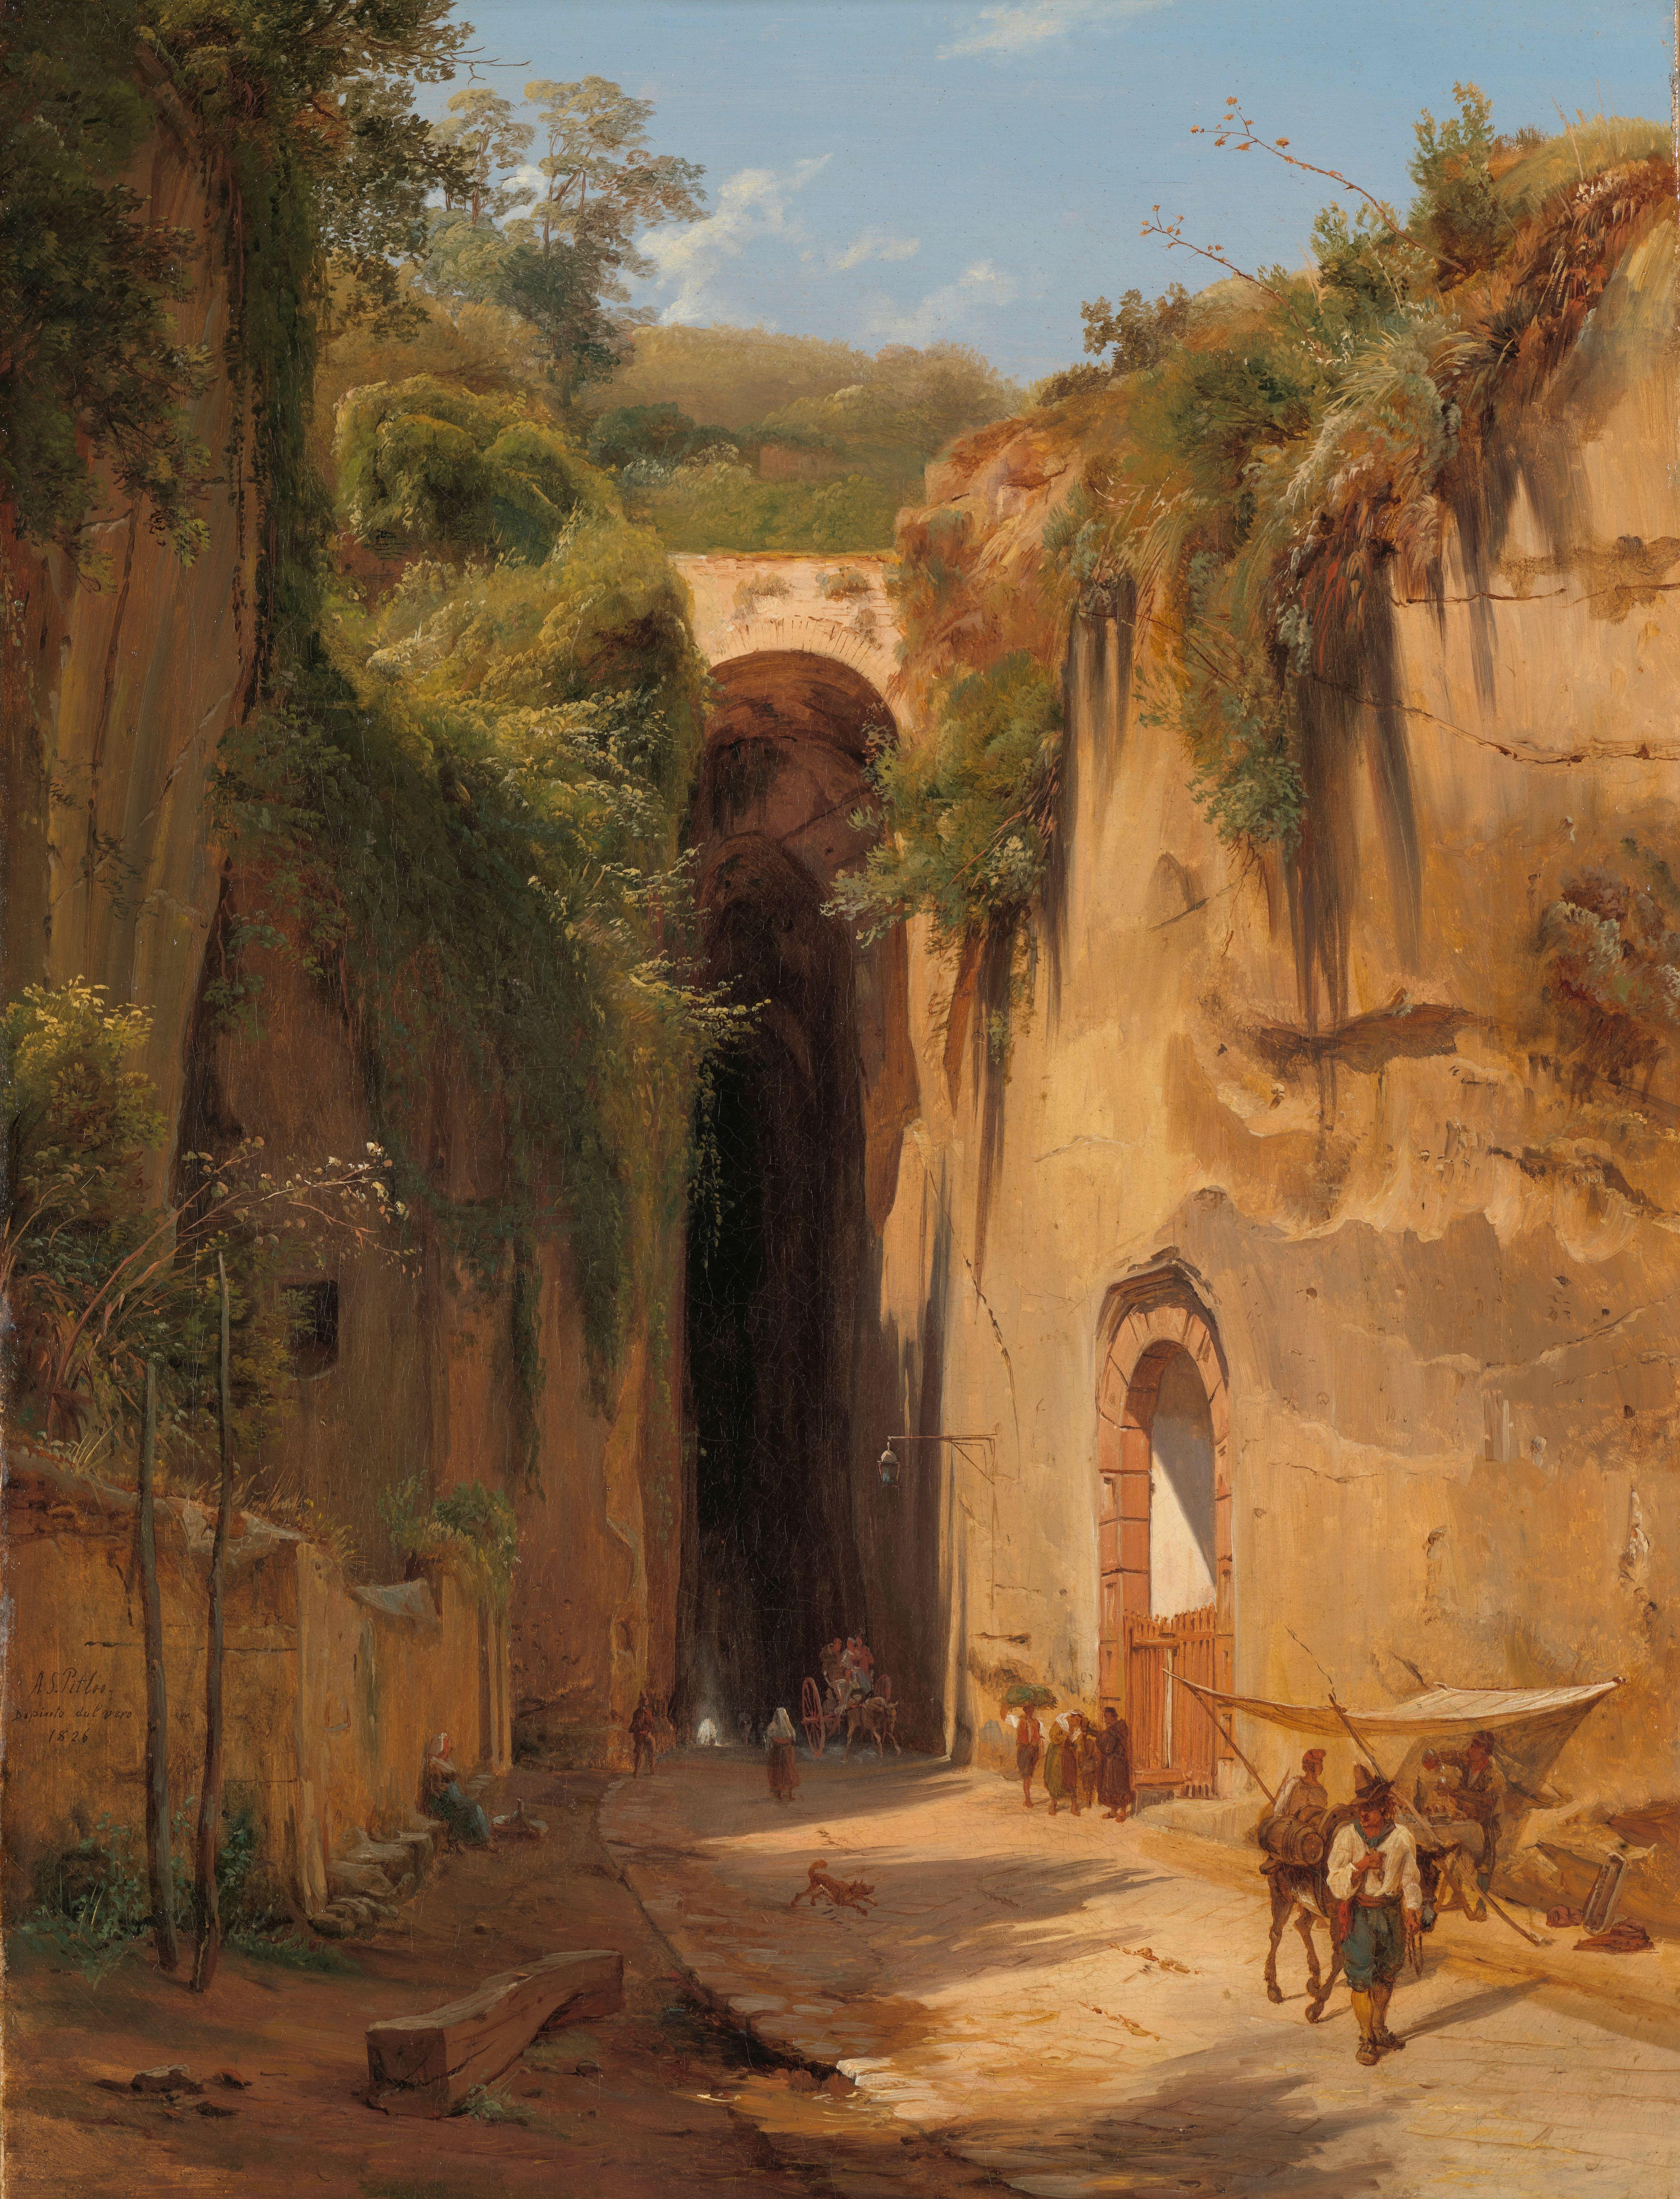 La_Grotta_di_Posillipo_bij_Napels_Rijksmuseum_SK-A-4705